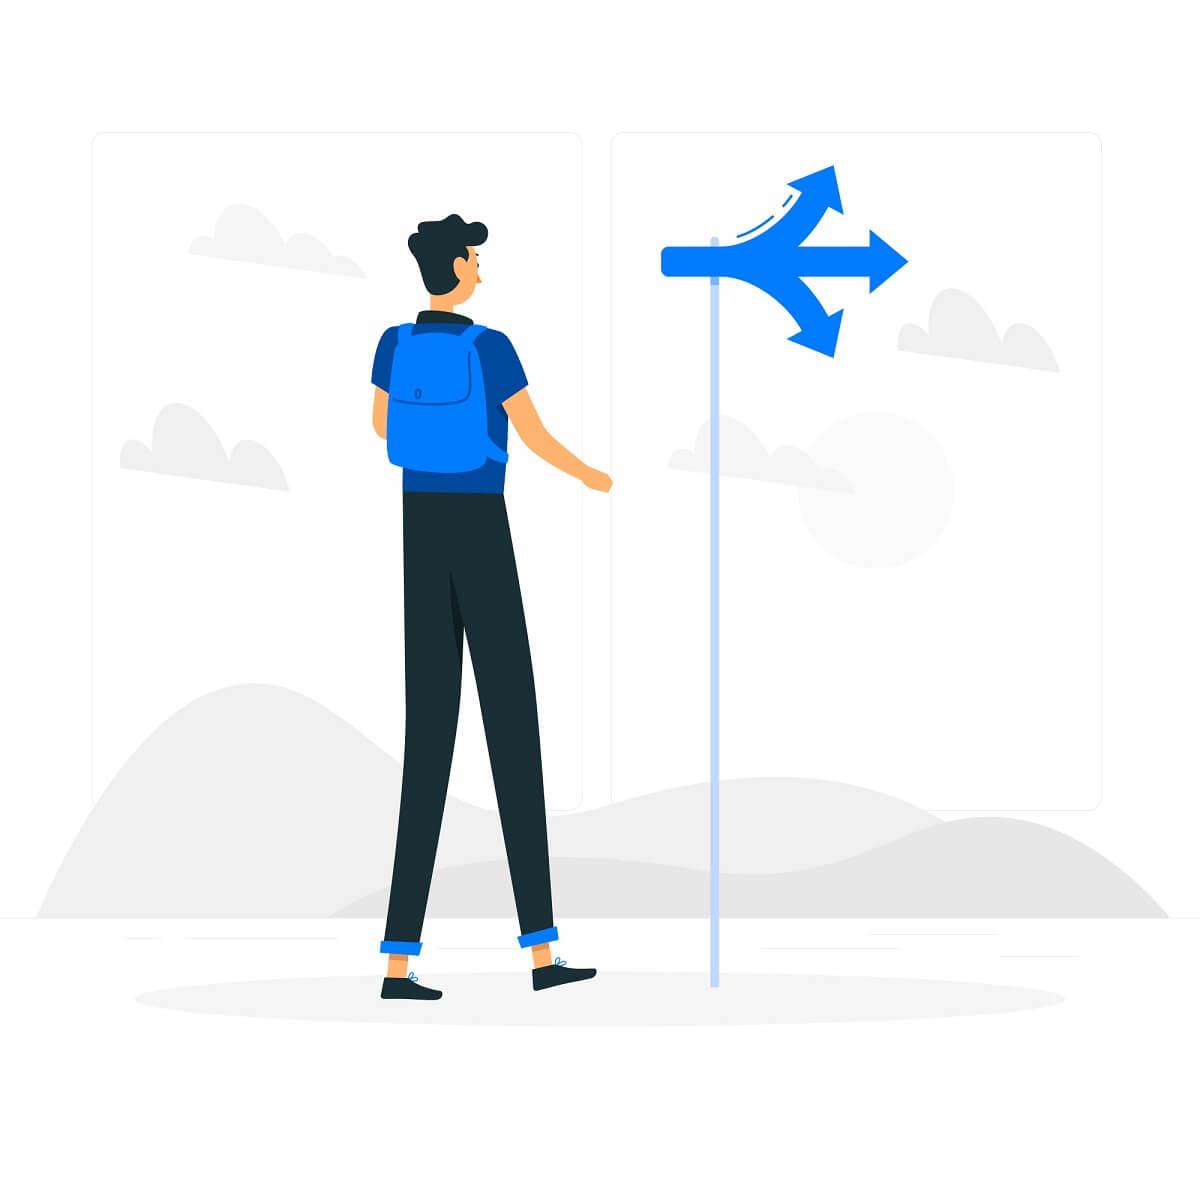 道の分岐点を表したイラスト。